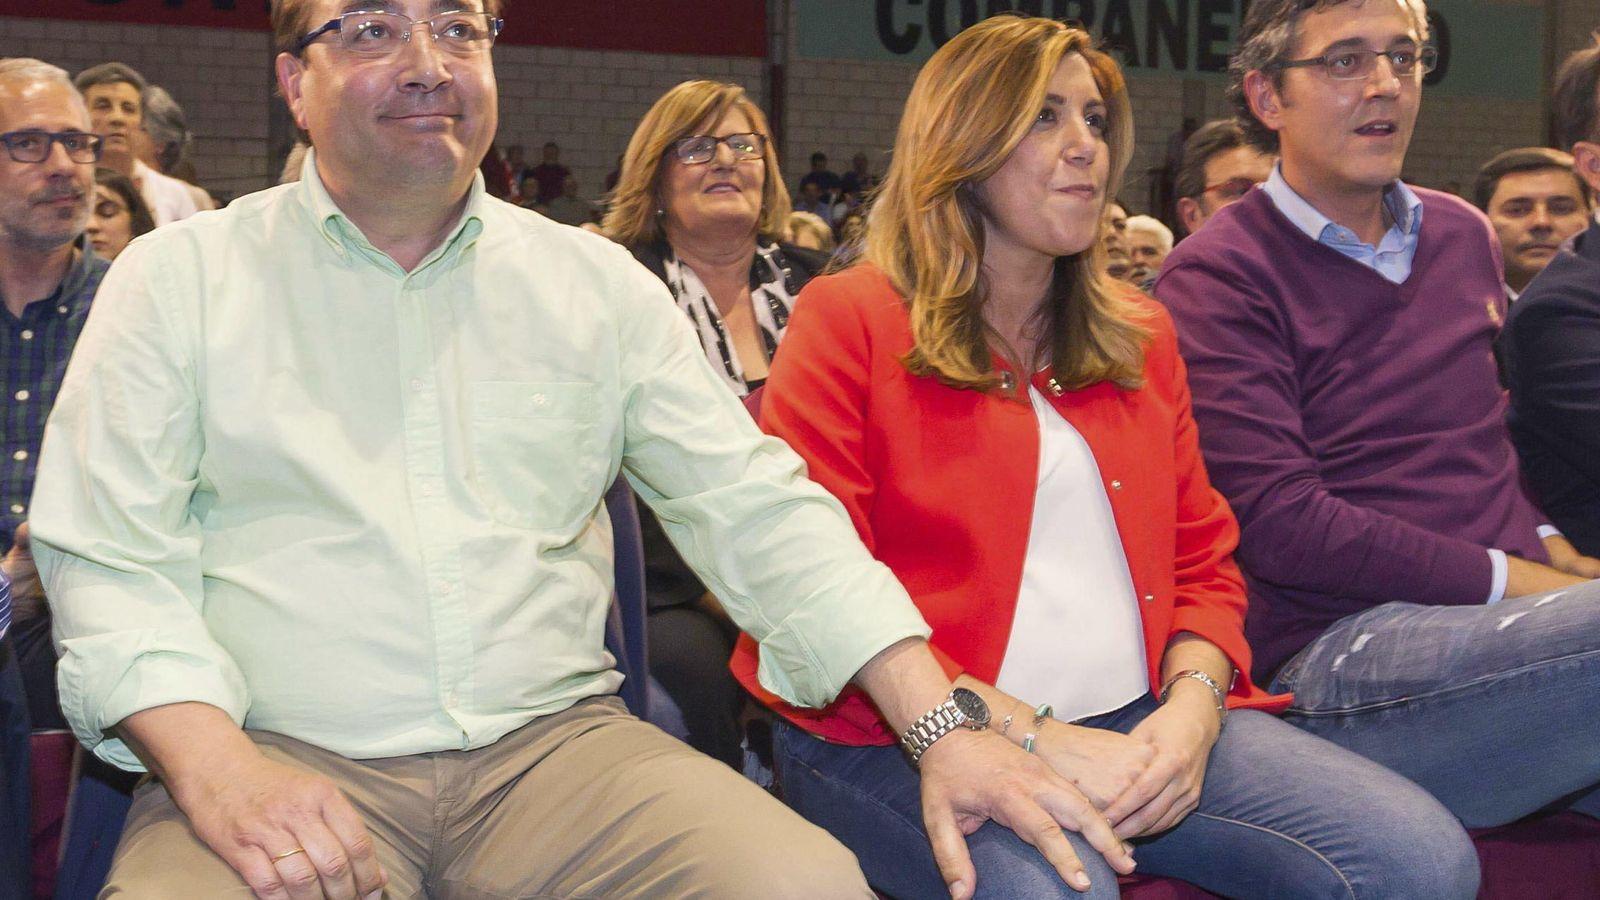 Foto: Los presidentes de Extremadura, Guillermo Fernández Vara; de la Junta de Andalucía, Susana Díaz, y el socialista Eduardo Madina. (EFE)